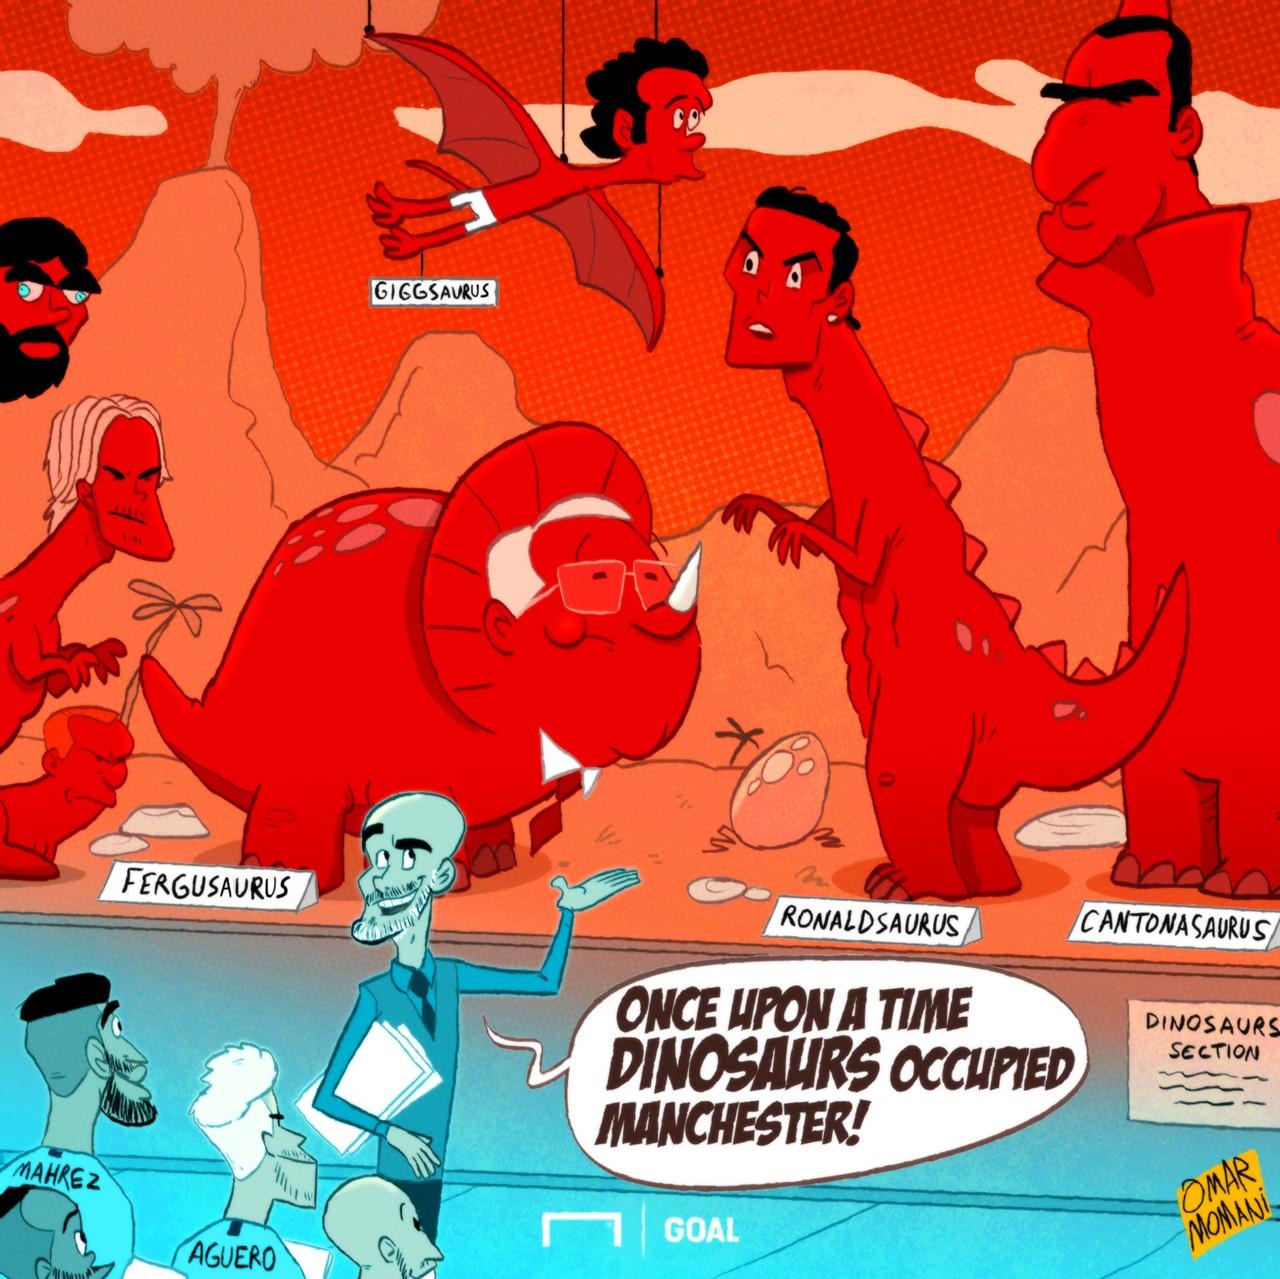 Manchester derby cartoon